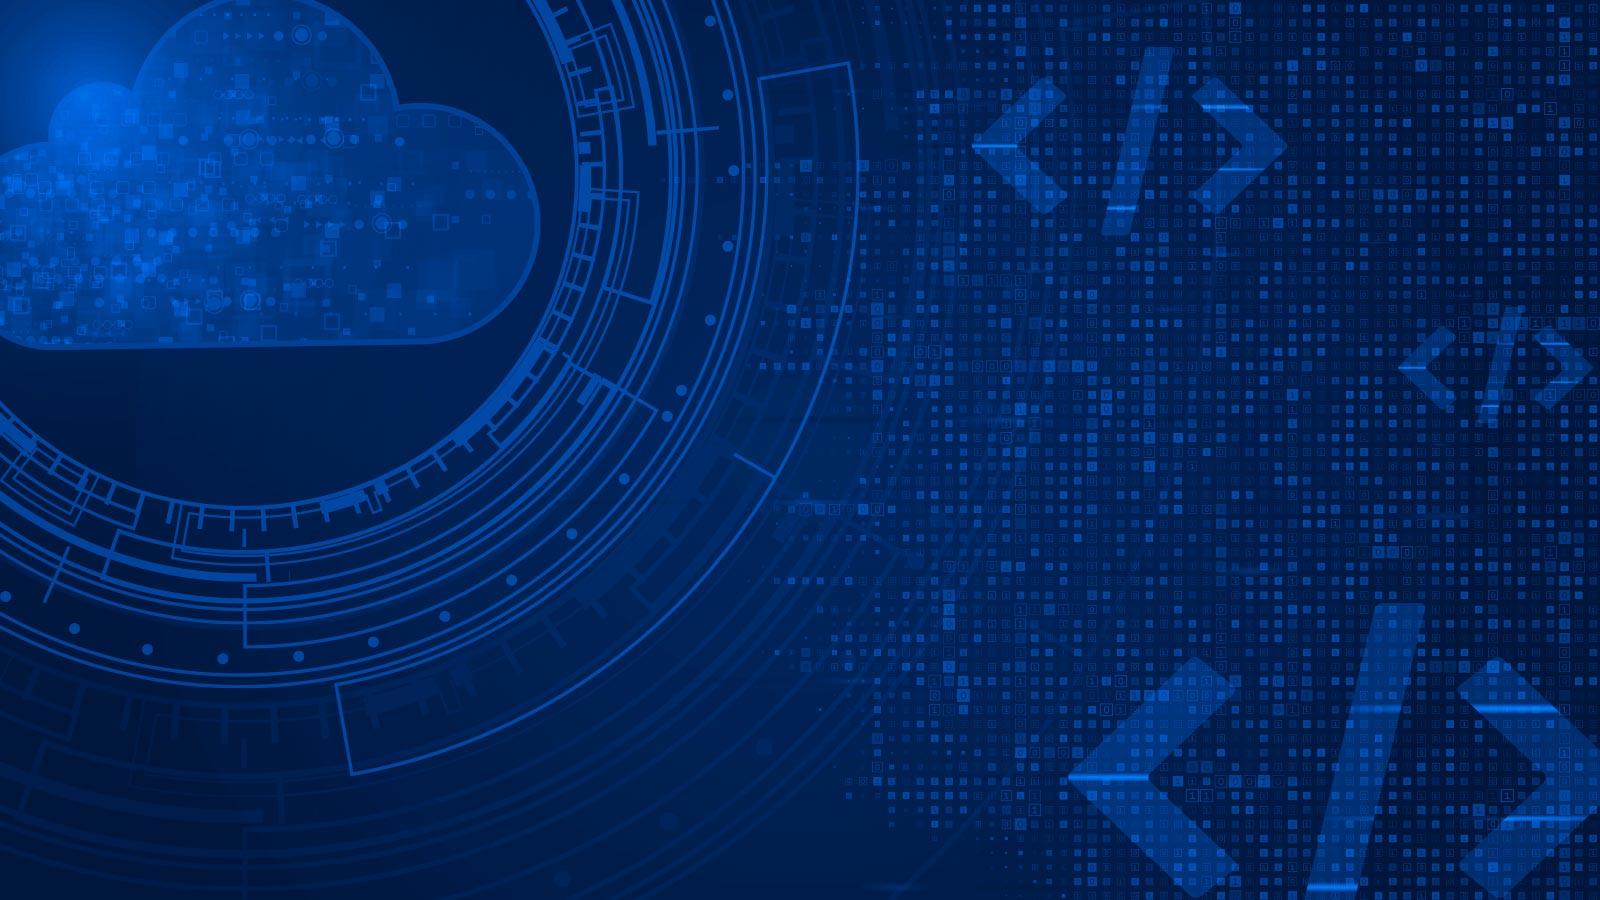 blog ieu ciencias computacionales y telecomunicaciones una maestría dual en tecnología de ieu